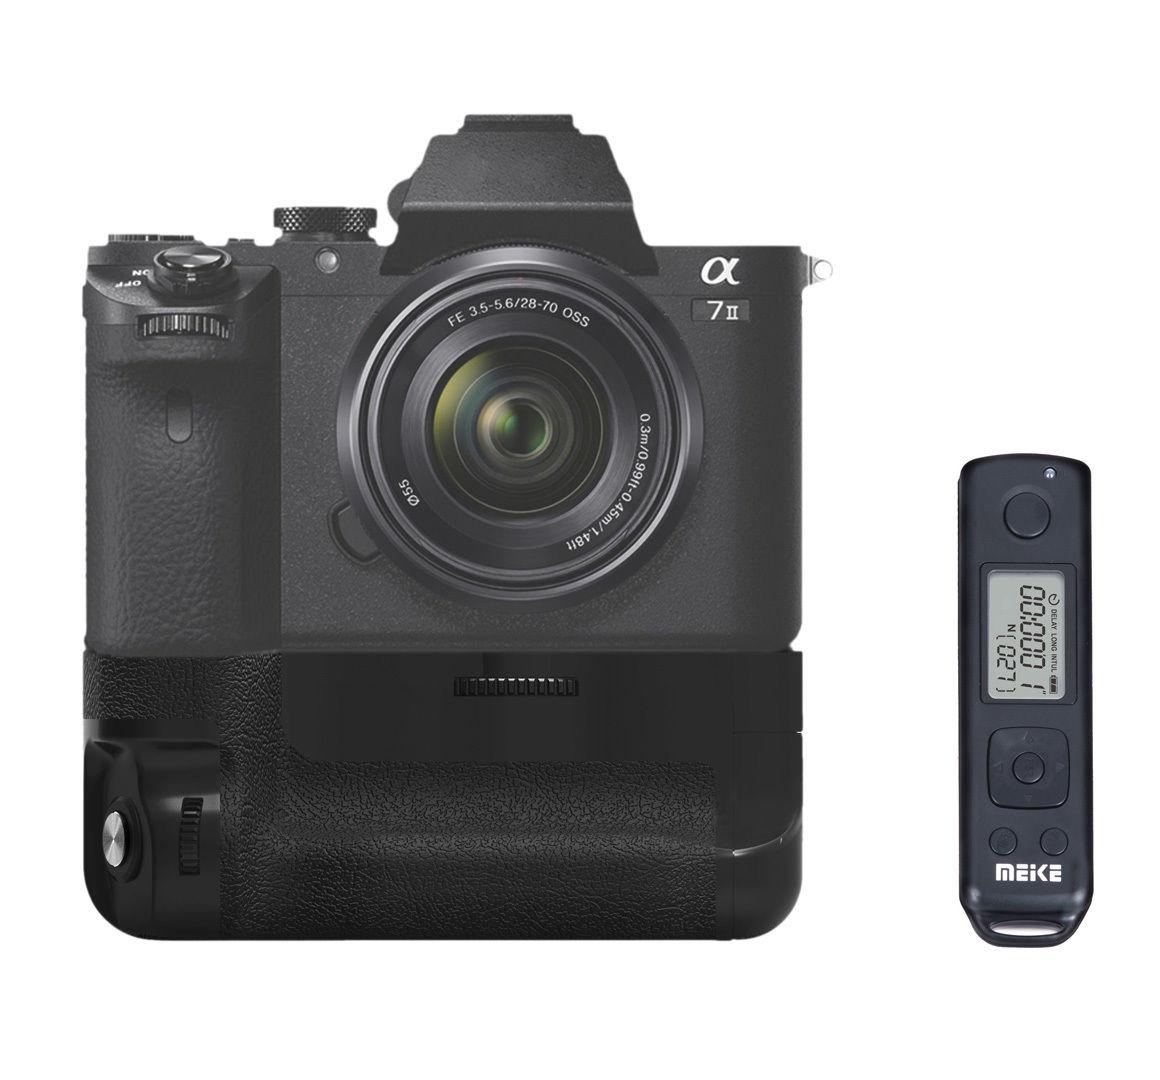 Встроенный беспроводной контроль Meike MK-A7II Pro, батарейный блок для Sony A7 II A7R II A7S II, как для Sony VG-C2EM